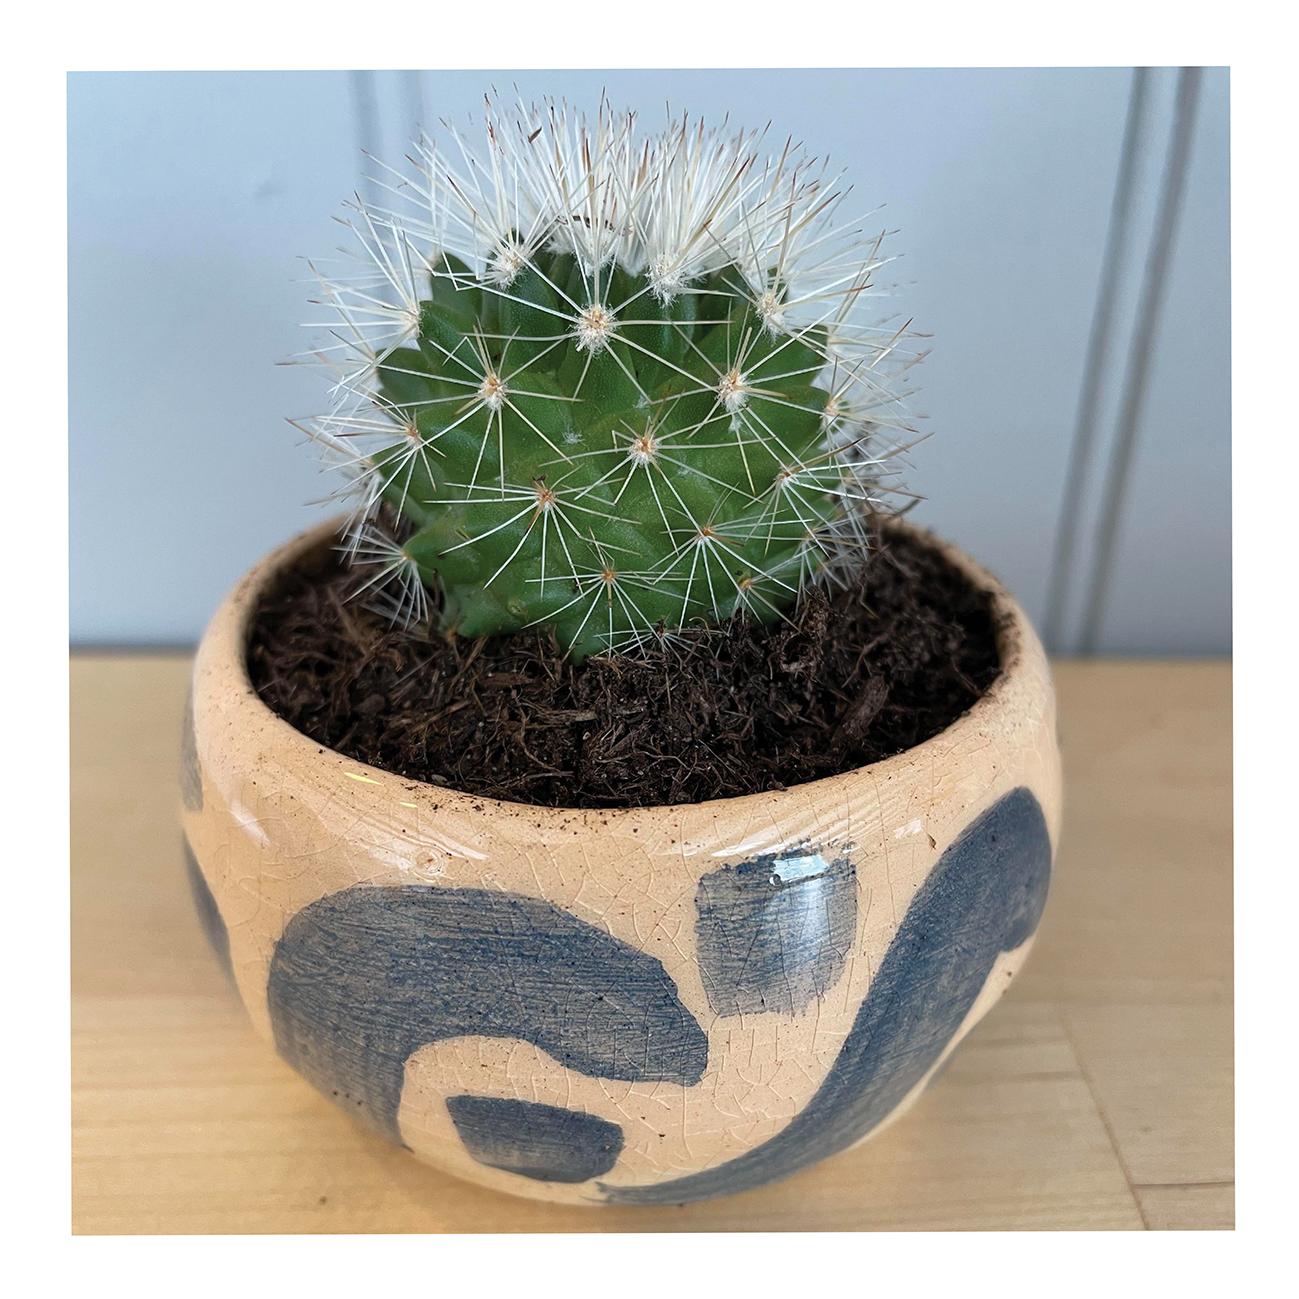 cactus / succulent